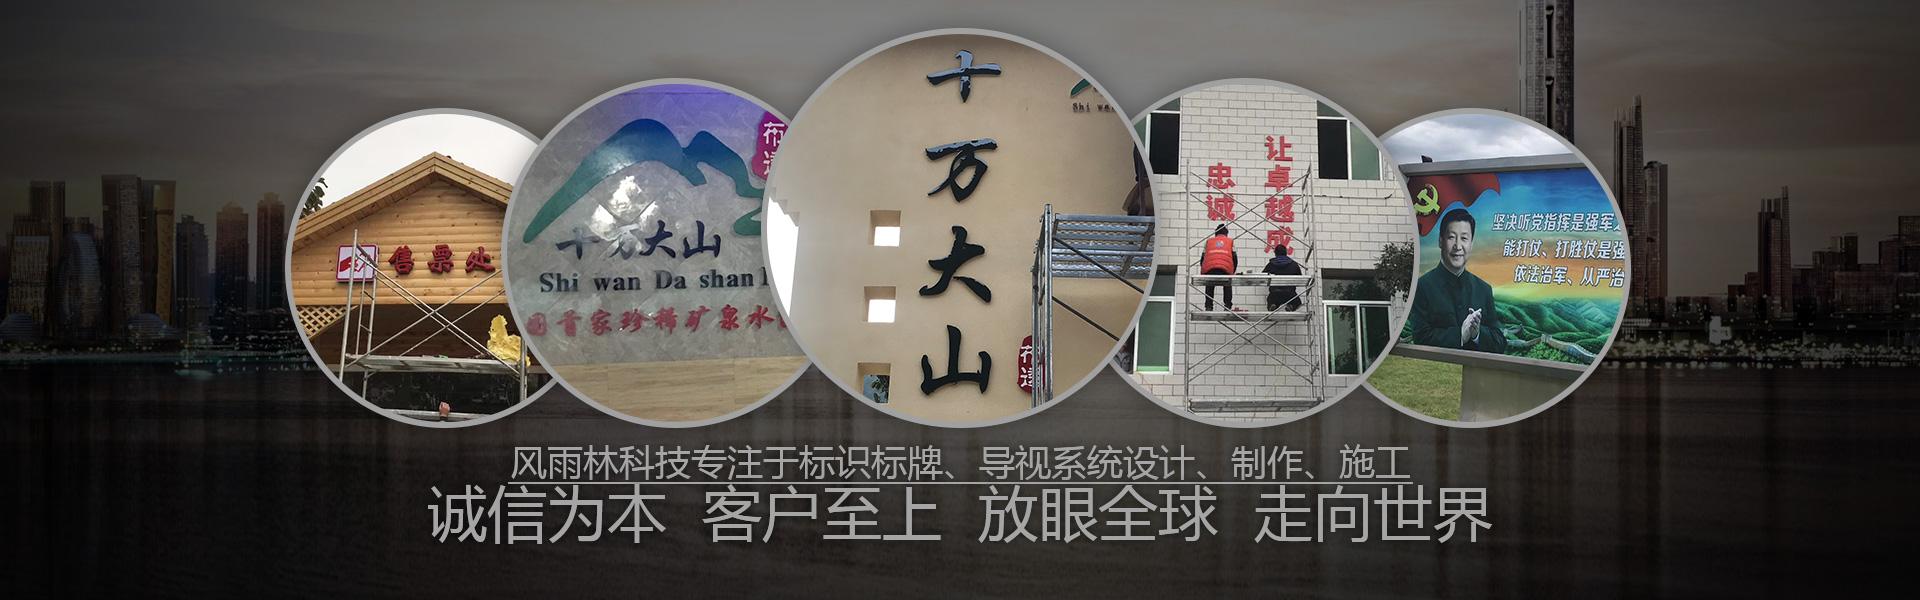 广西风雨林科技有限公司